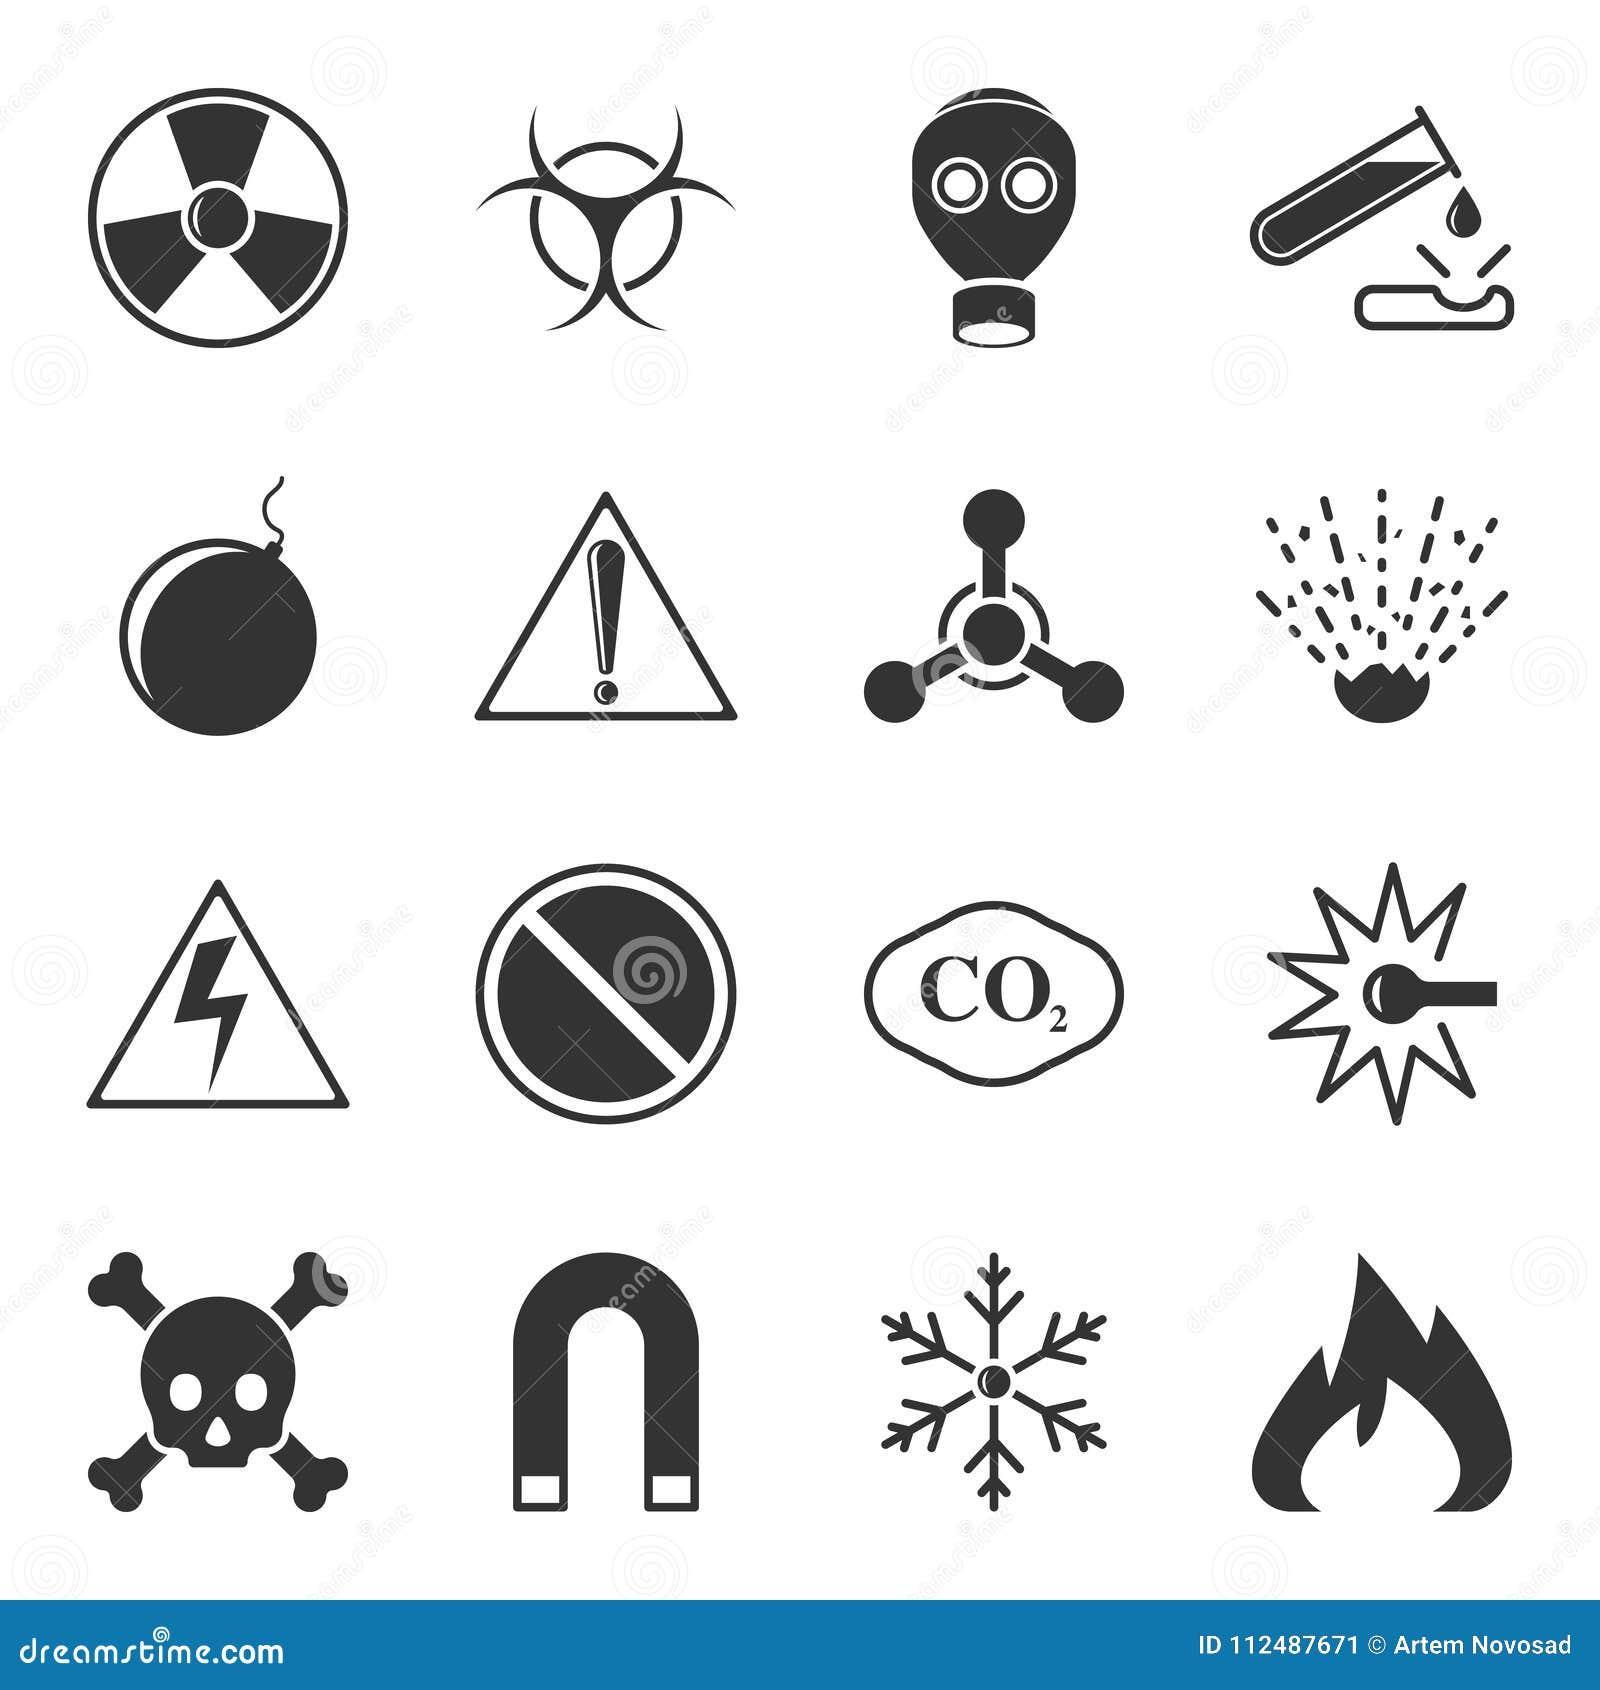 Το σύνολο διανυσματικών εικονιδίων προειδοποίησης σε ένα άσπρο υπόβαθρο, περιέχει τα σημάδια κινδύνου, την τοξικότητα, το explosi